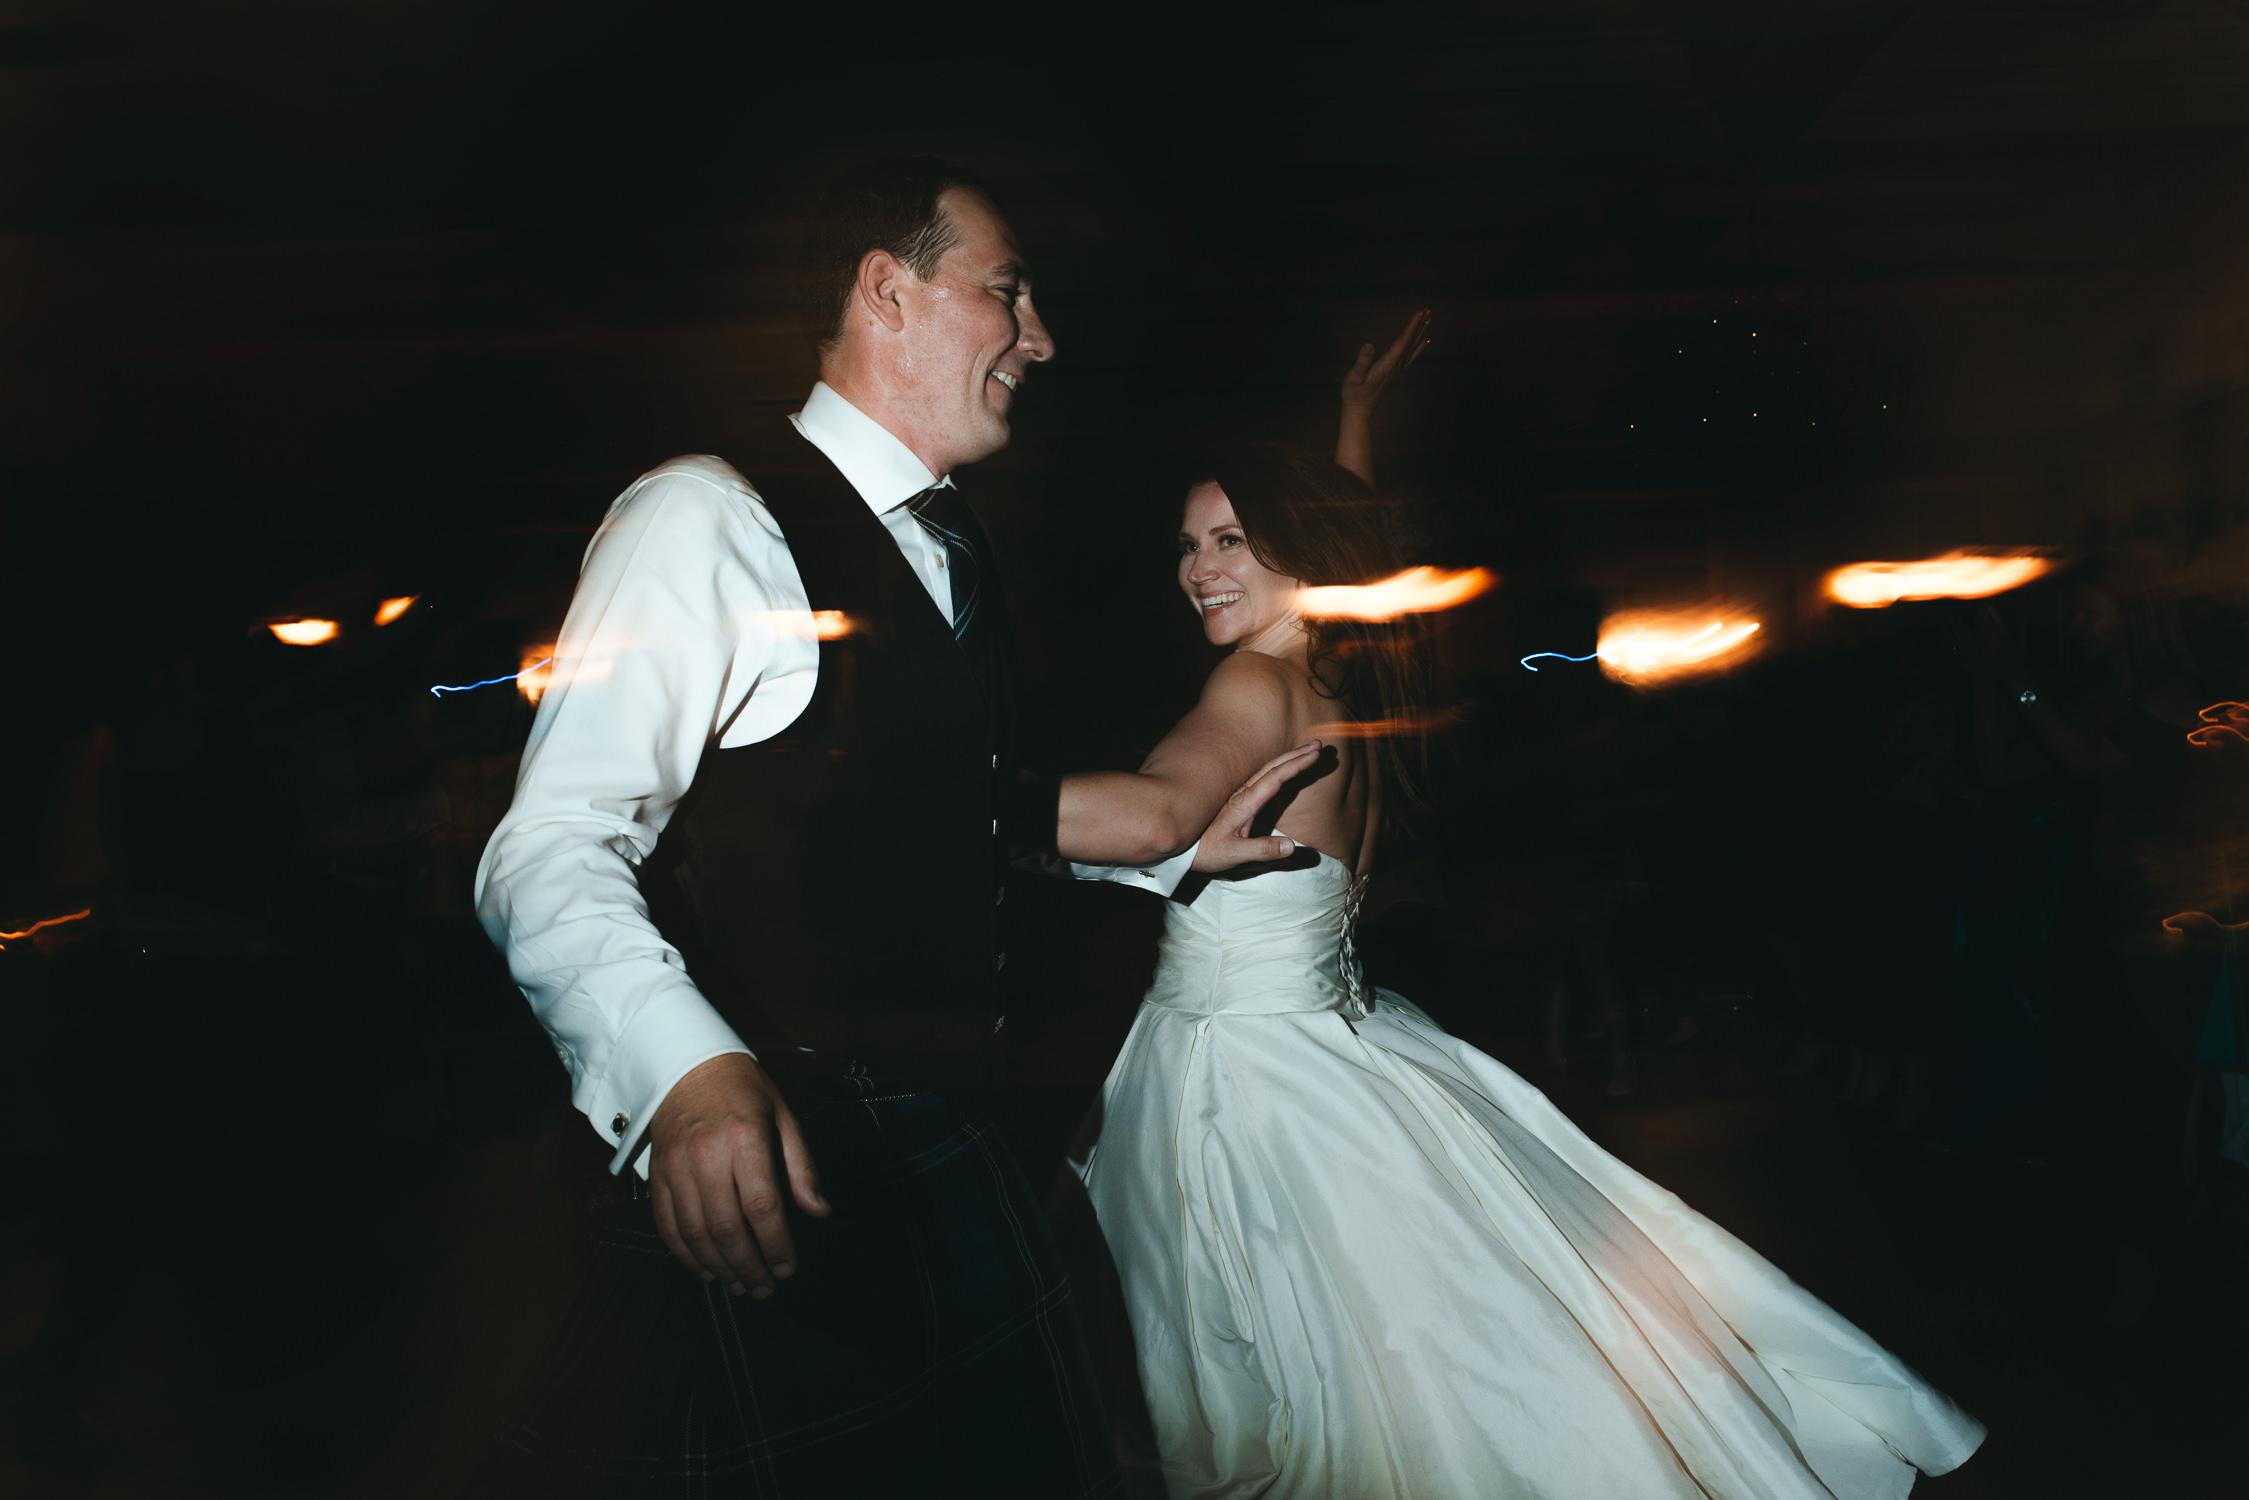 bruidsfotografie-amsterdam-utrecht--aberdeen-mark-hadden-wedding-photography-lynne-steve-482.jpg